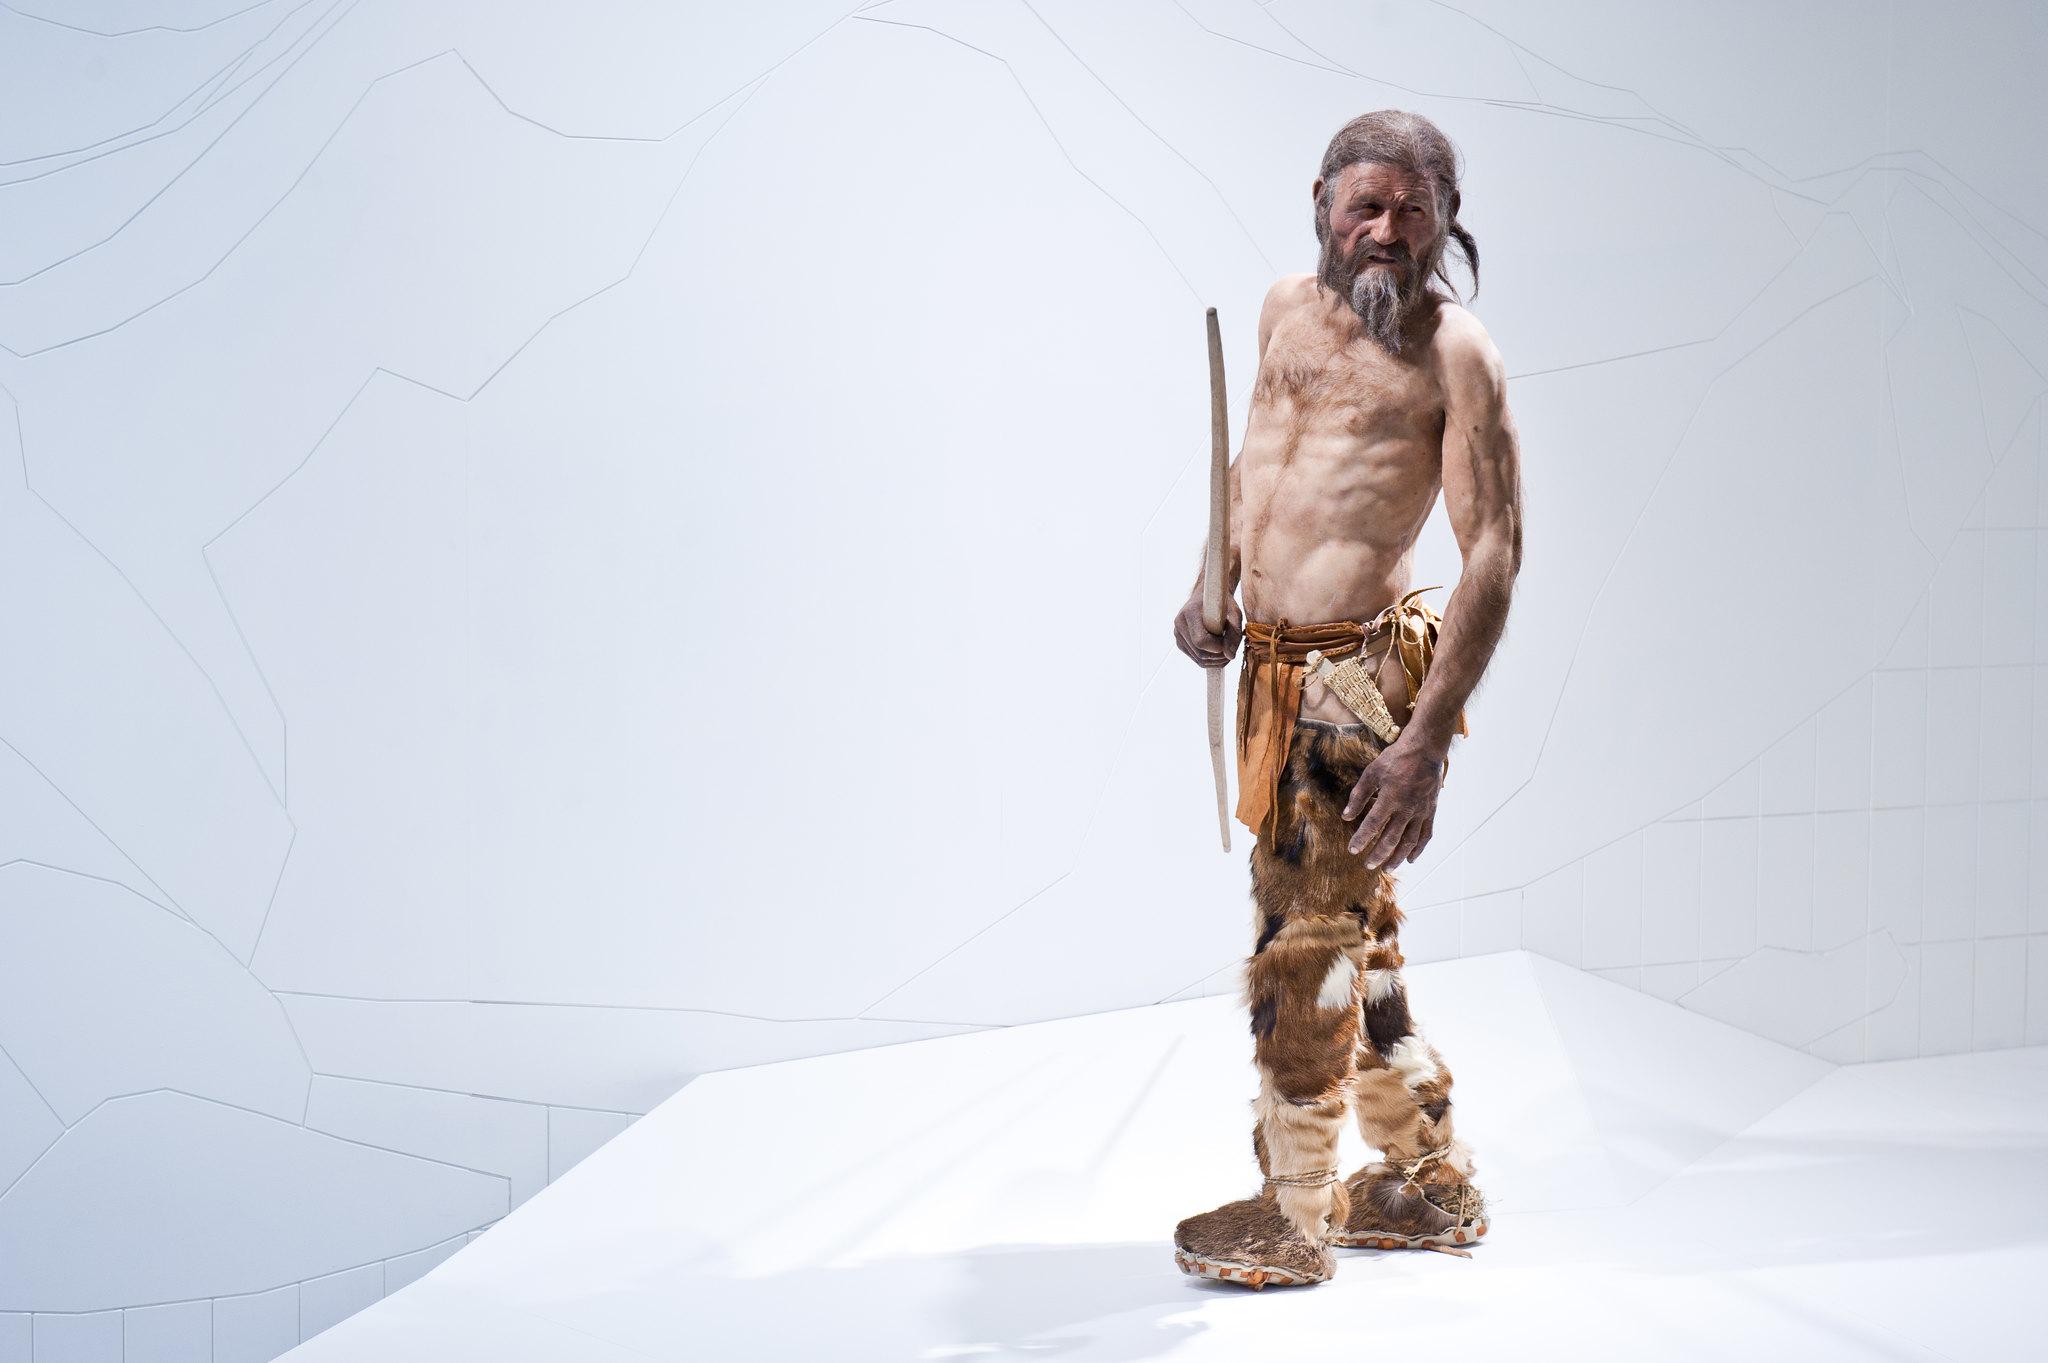 Ötzi l'homme des glaces de Bolzano